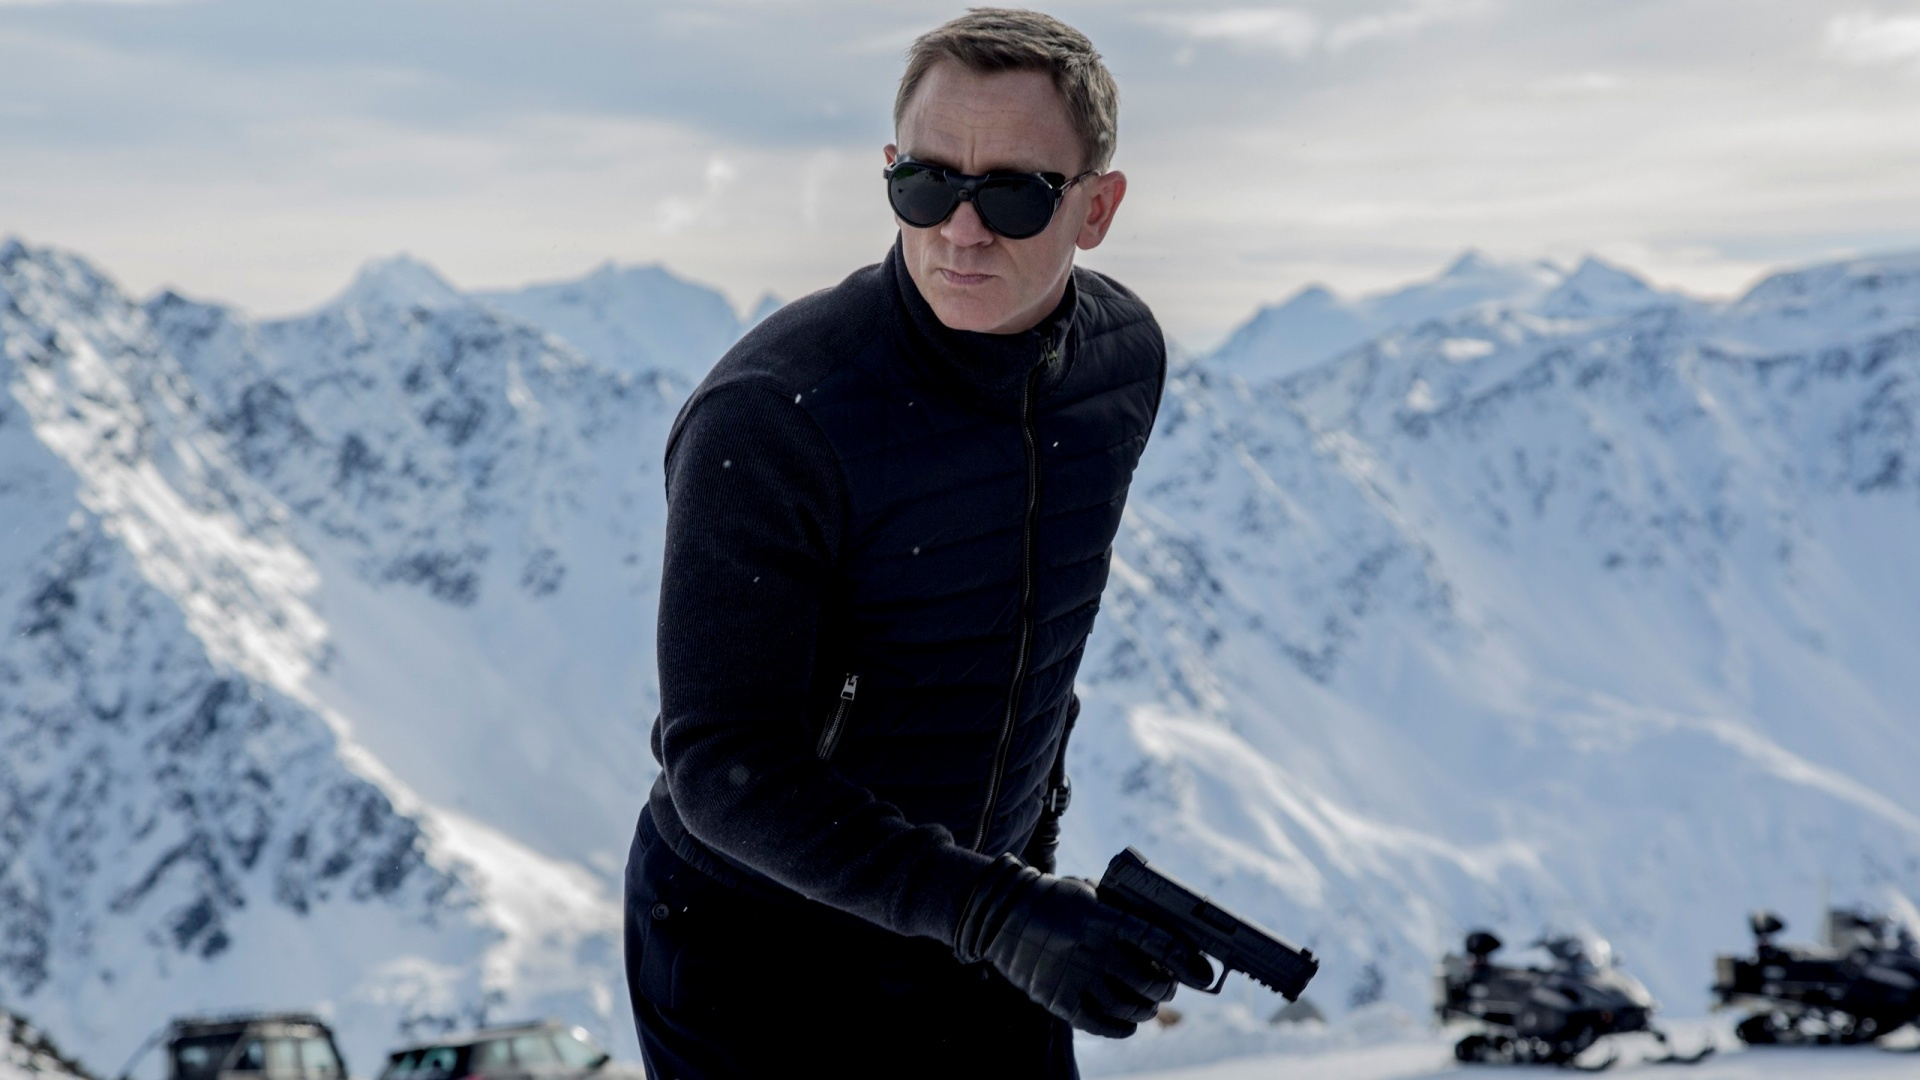 Daniel Craig Hd Background